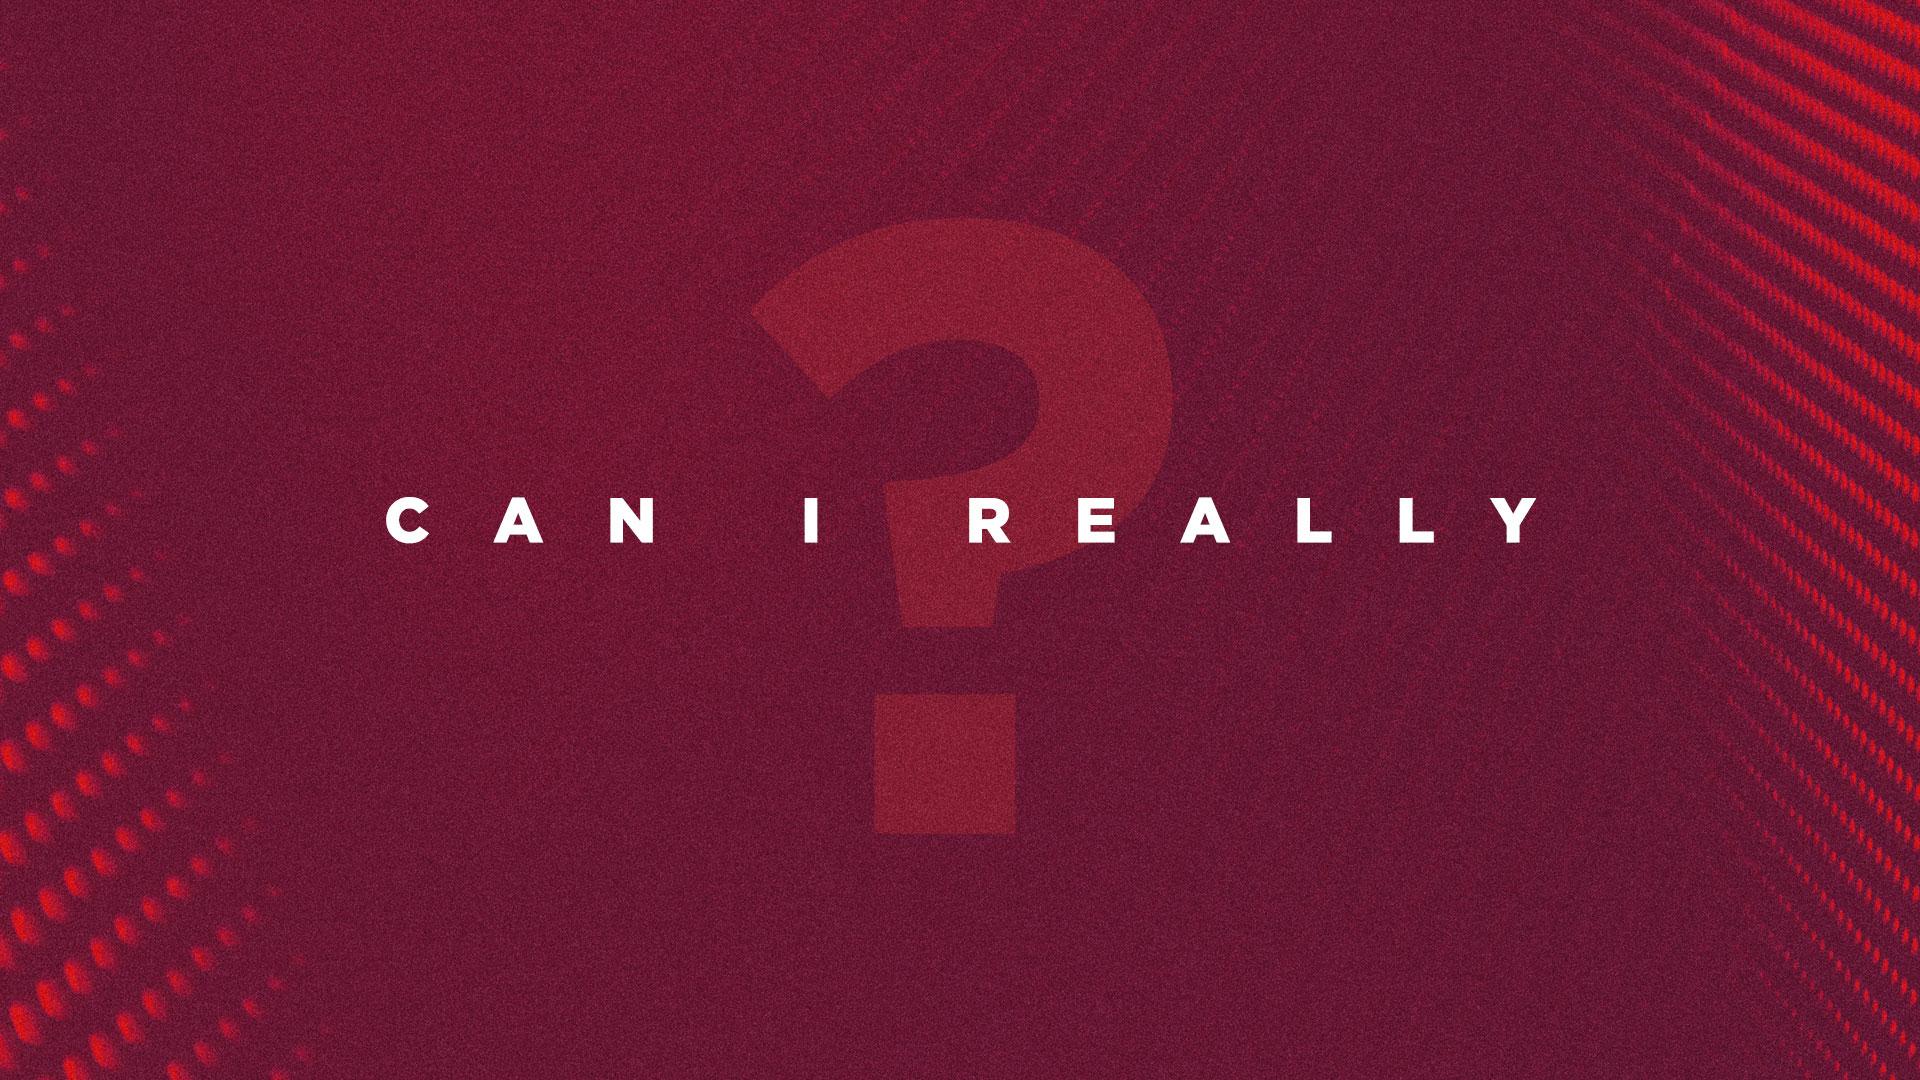 Can I Really?